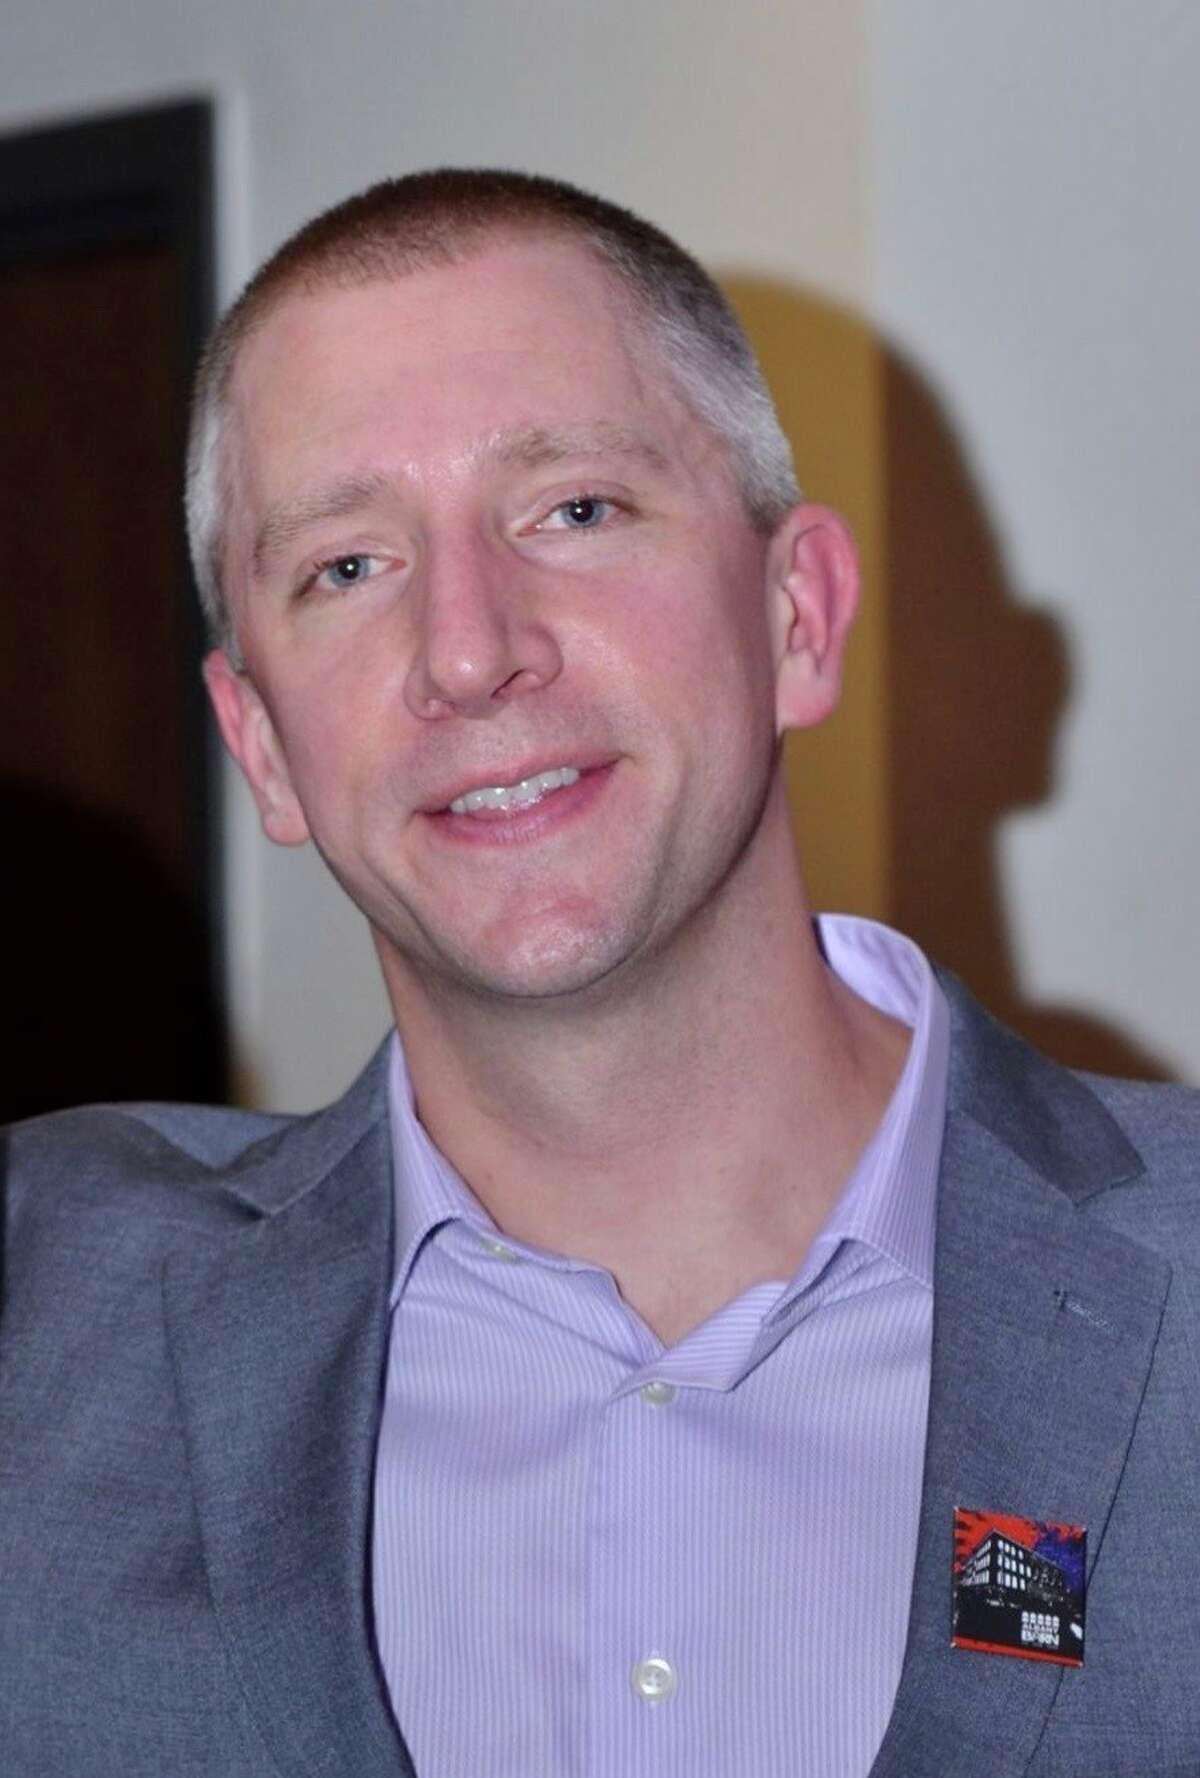 Todd Ritschdorff